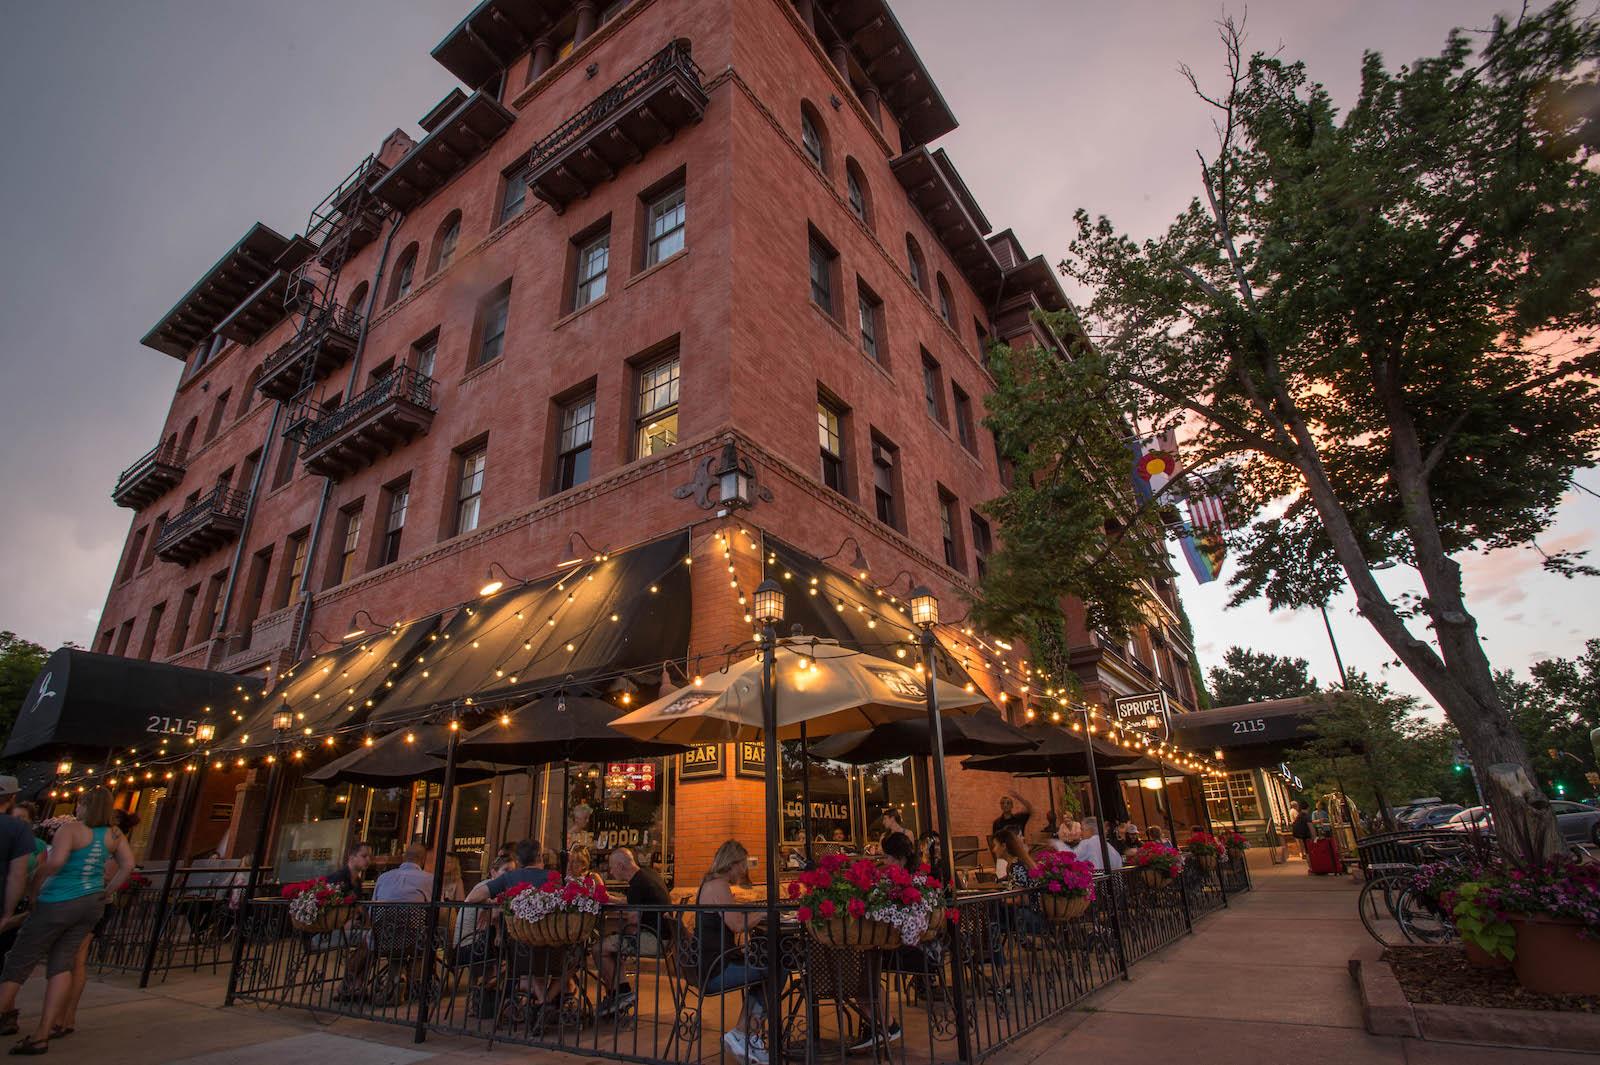 Image of the exterior of the Hotel Boulderado in Colorado